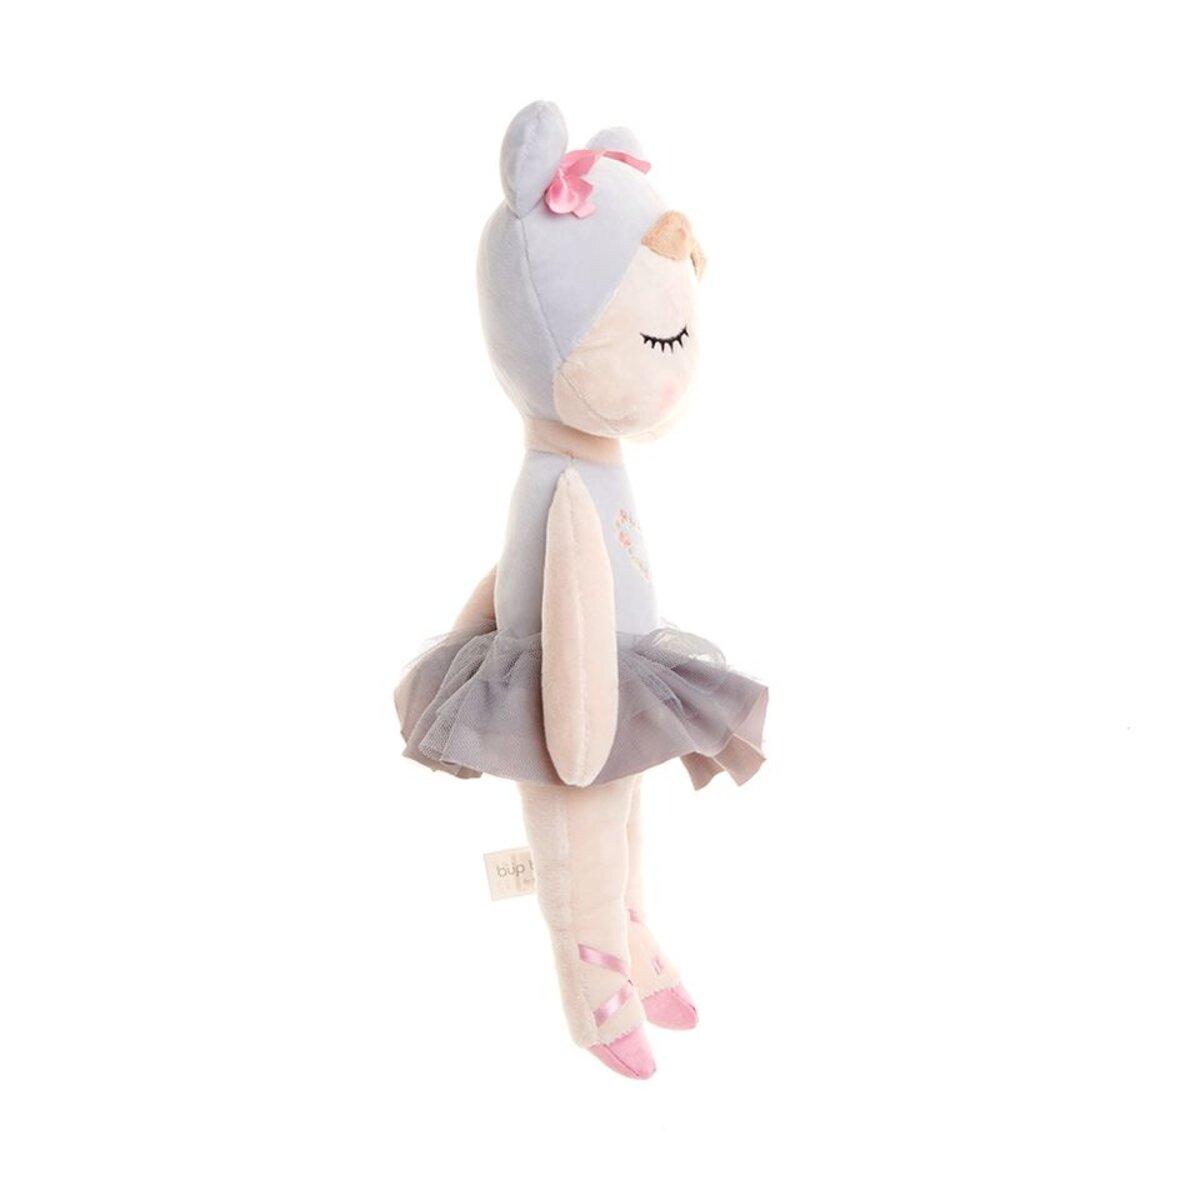 Boneca MeToo Angela Sofia 33cm Original com Sacola